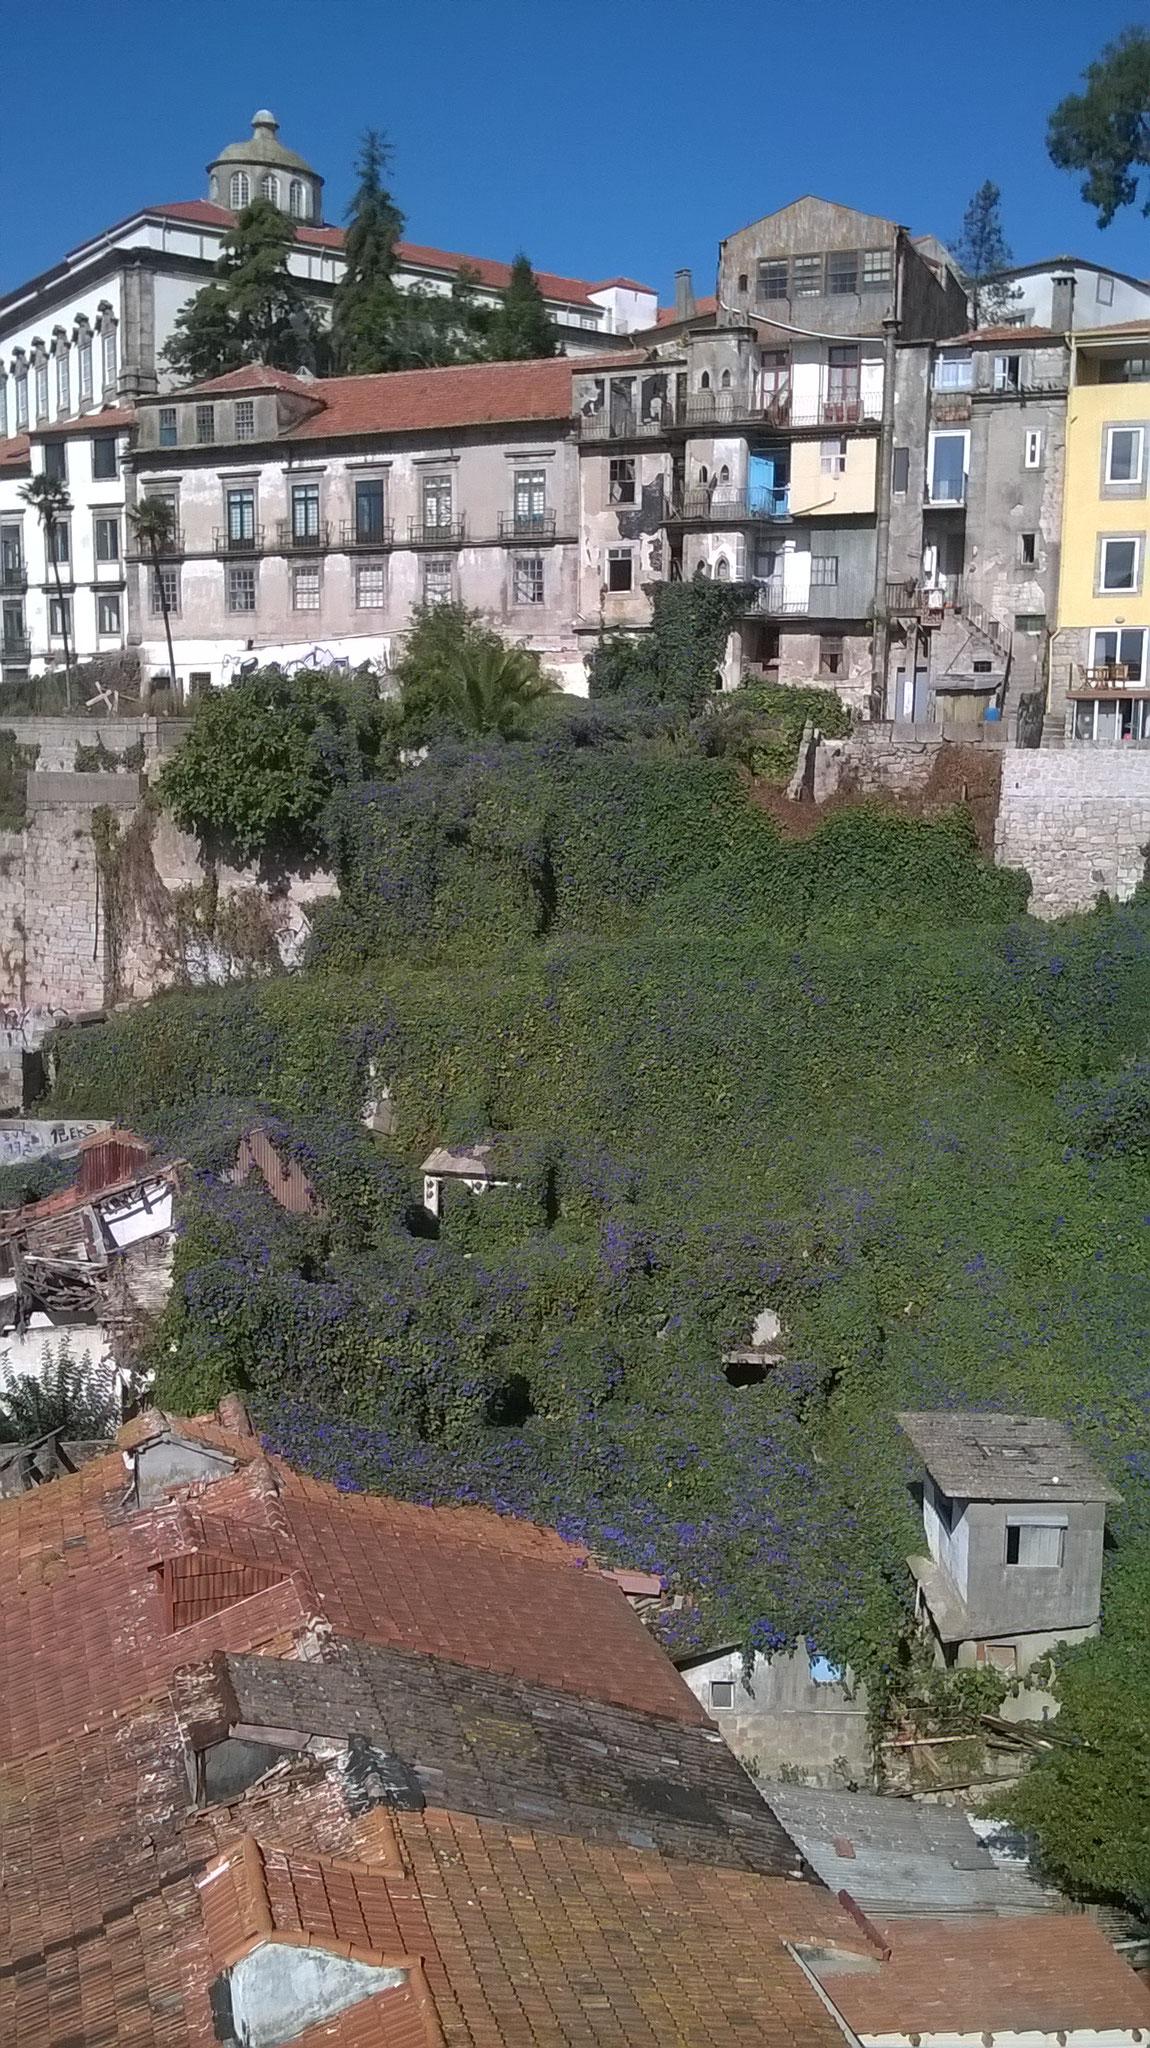 Hach, Porto <3 So eine wundervolle & inspirierende Stadt. Gerade die Geschichte& die Free Walking Tours waren soo toll. J.K. Rowling hat sich hier ja auch teilweise inspirieren lassen. Und ich weine um all die Fotos, die ich dort nicht gemacht habe.